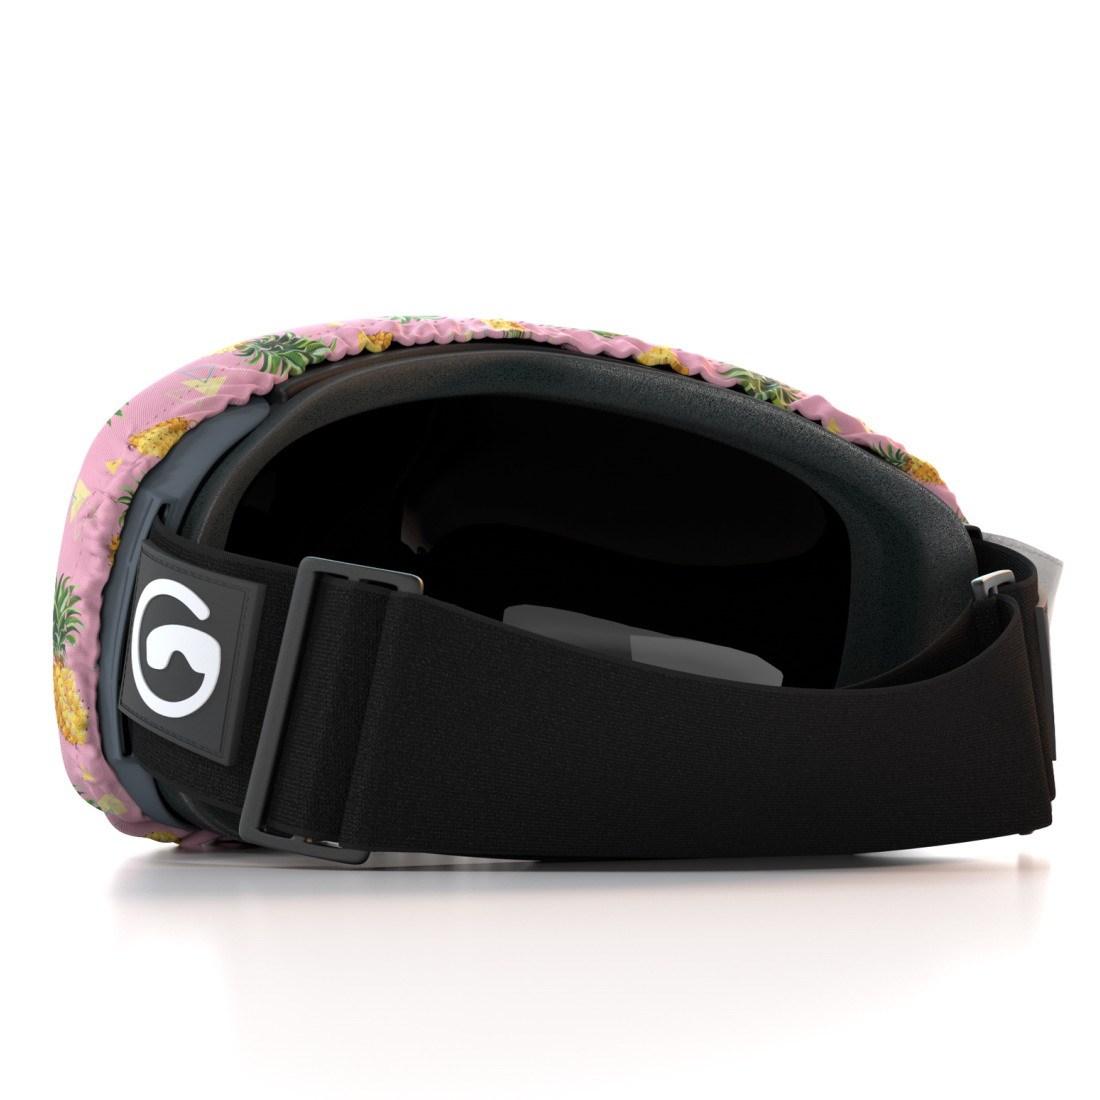 ゴーグルソック gogglesoc 2021モデル ゴーグルカバー  国内正規品